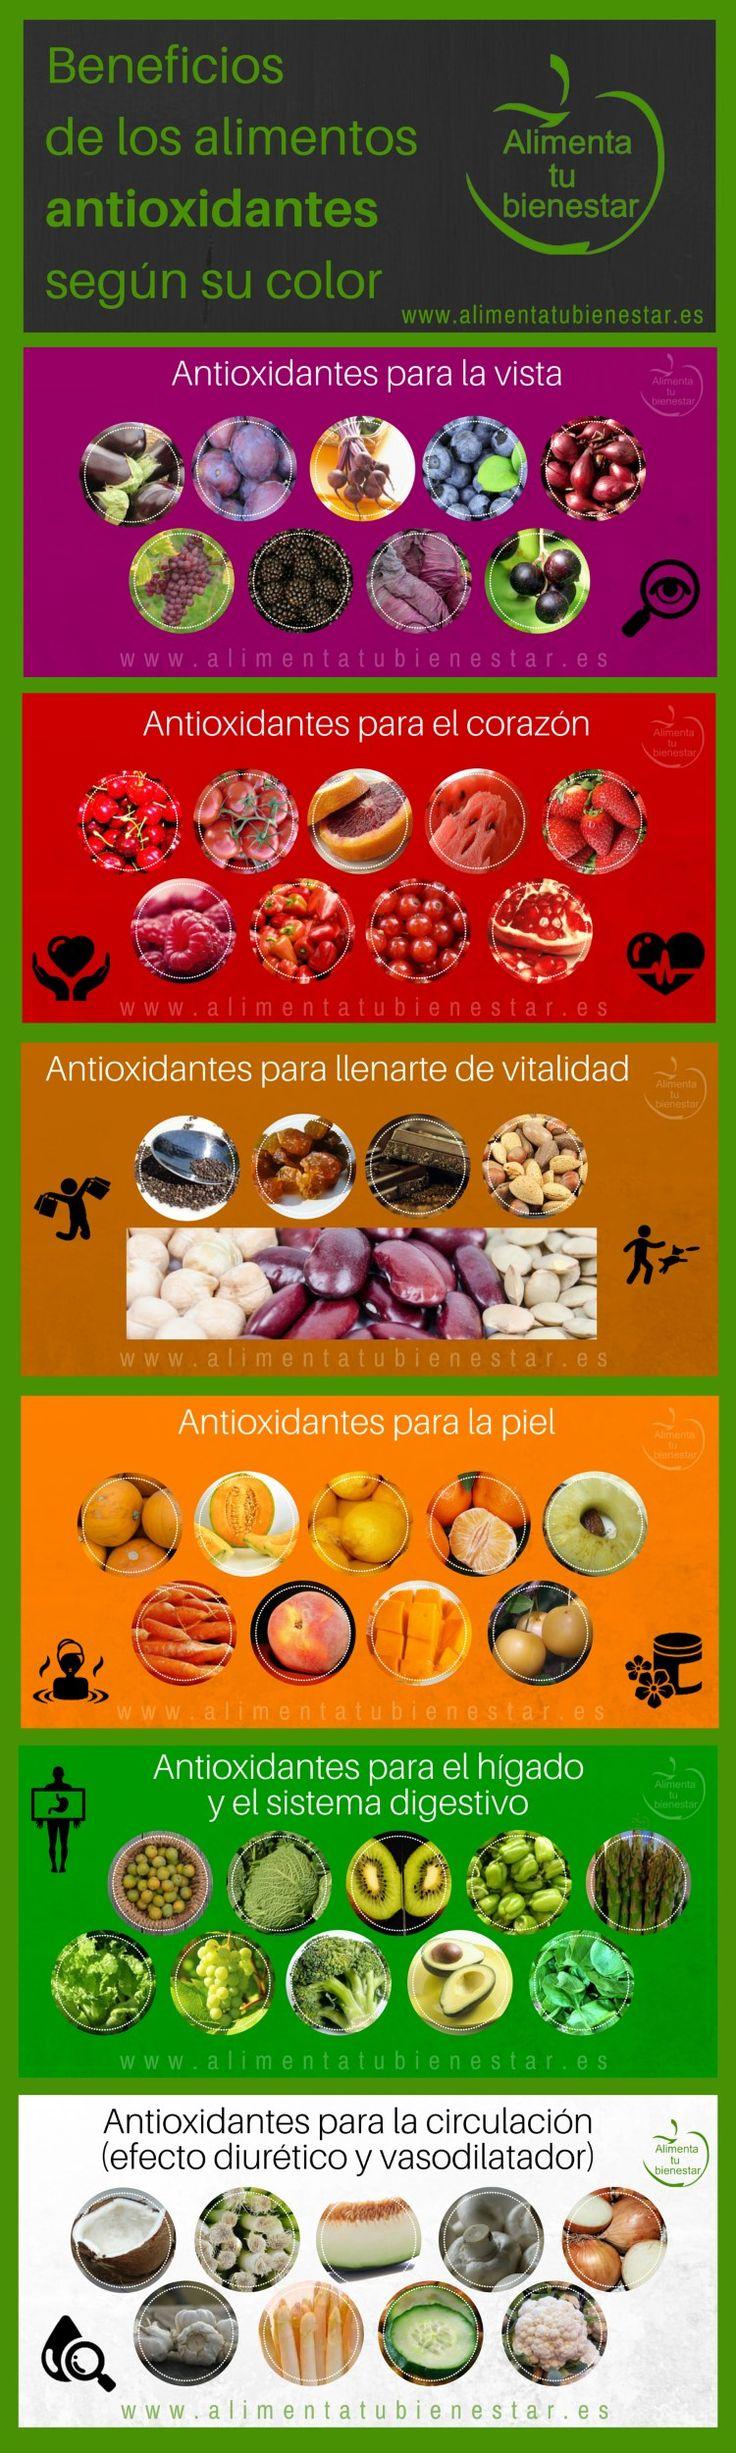 alimentos antioxidantes beneficios